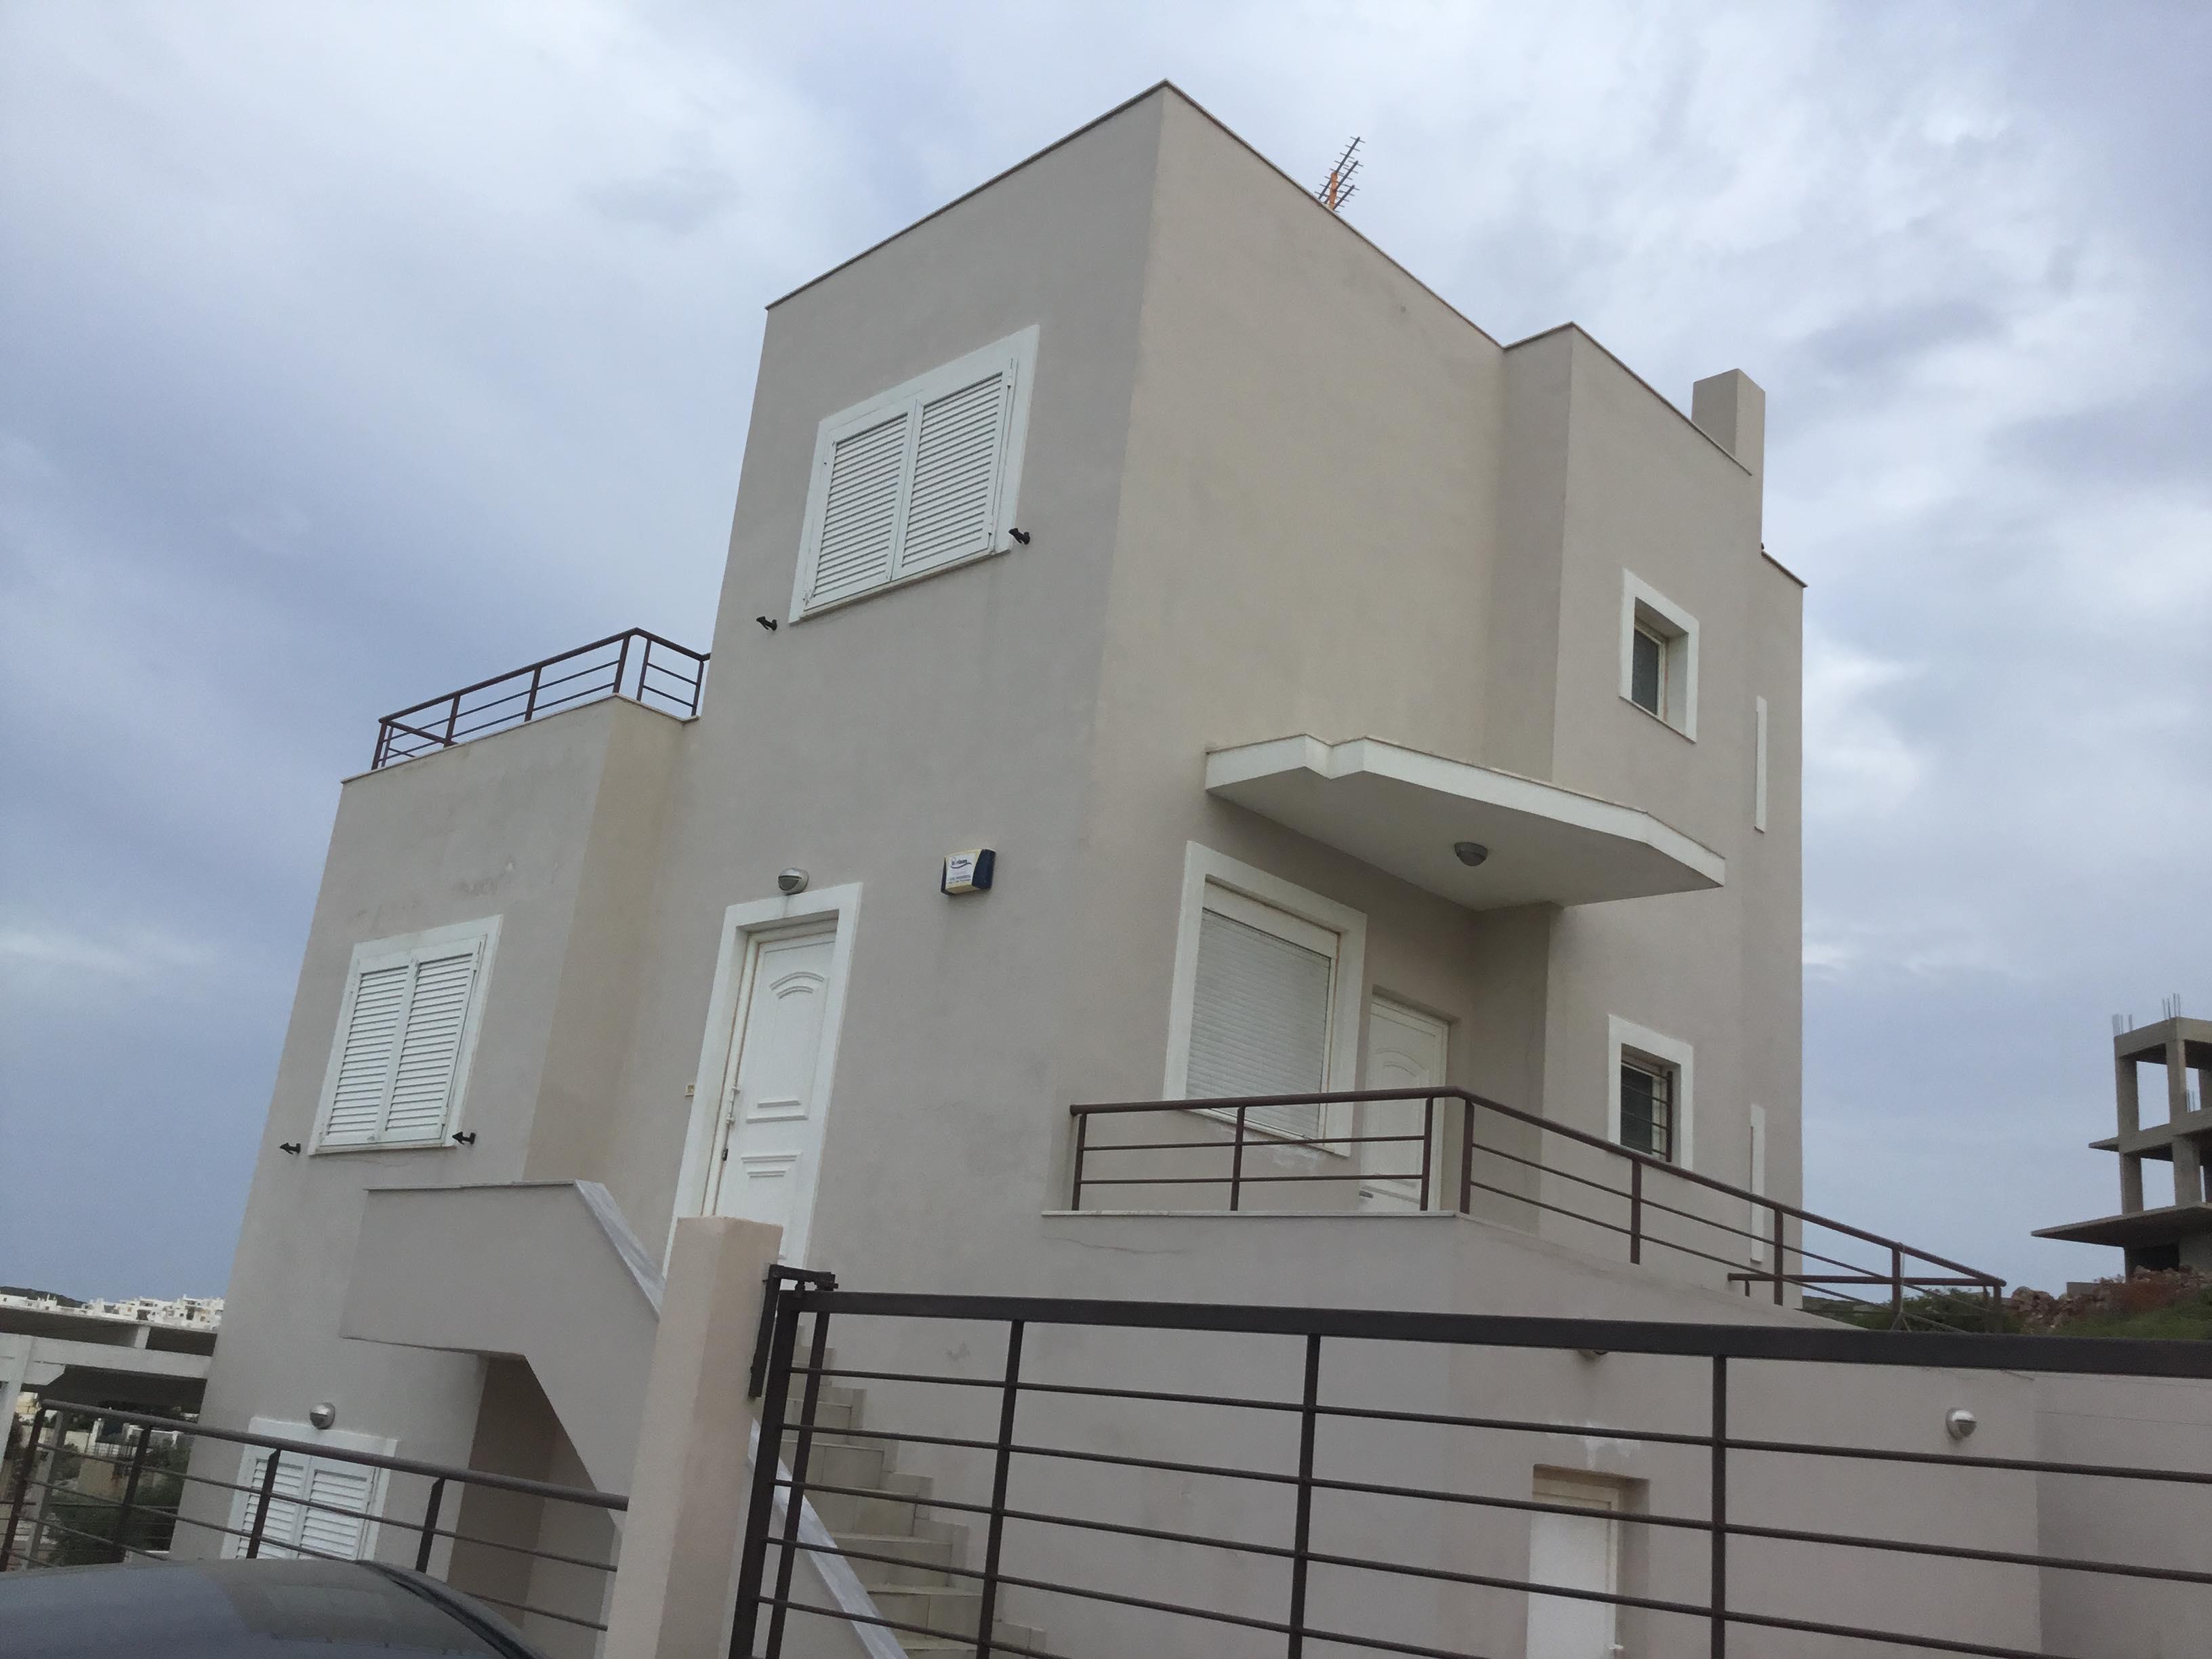 בית פרטי צמוד לים עם 3 קומות ונוף מדהים